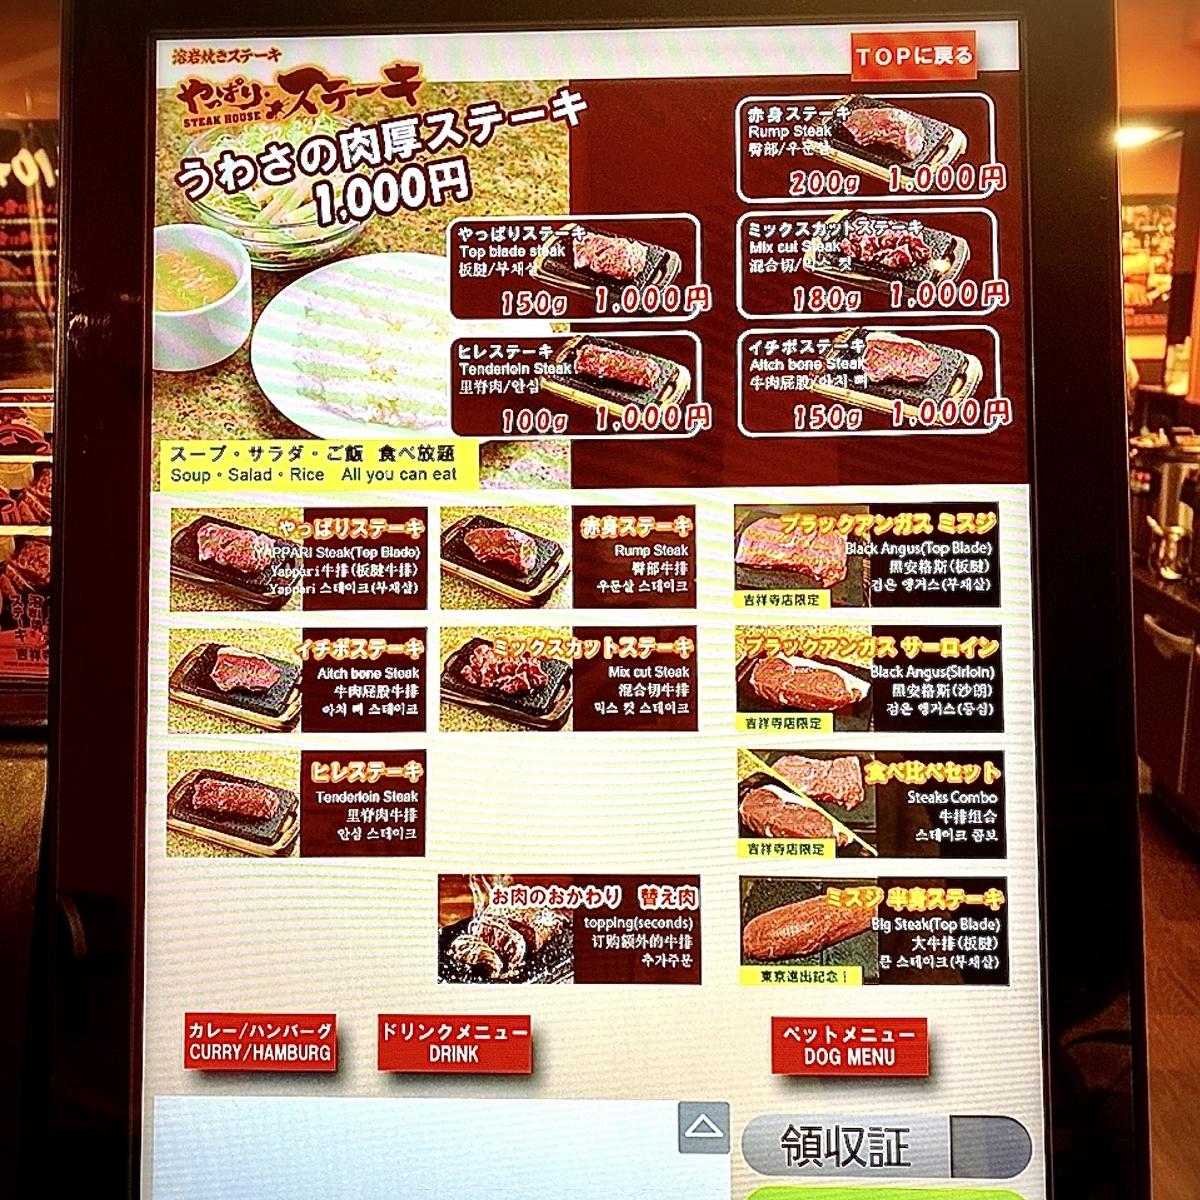 「やっぱりステーキ 吉祥寺店」のメニューと値段